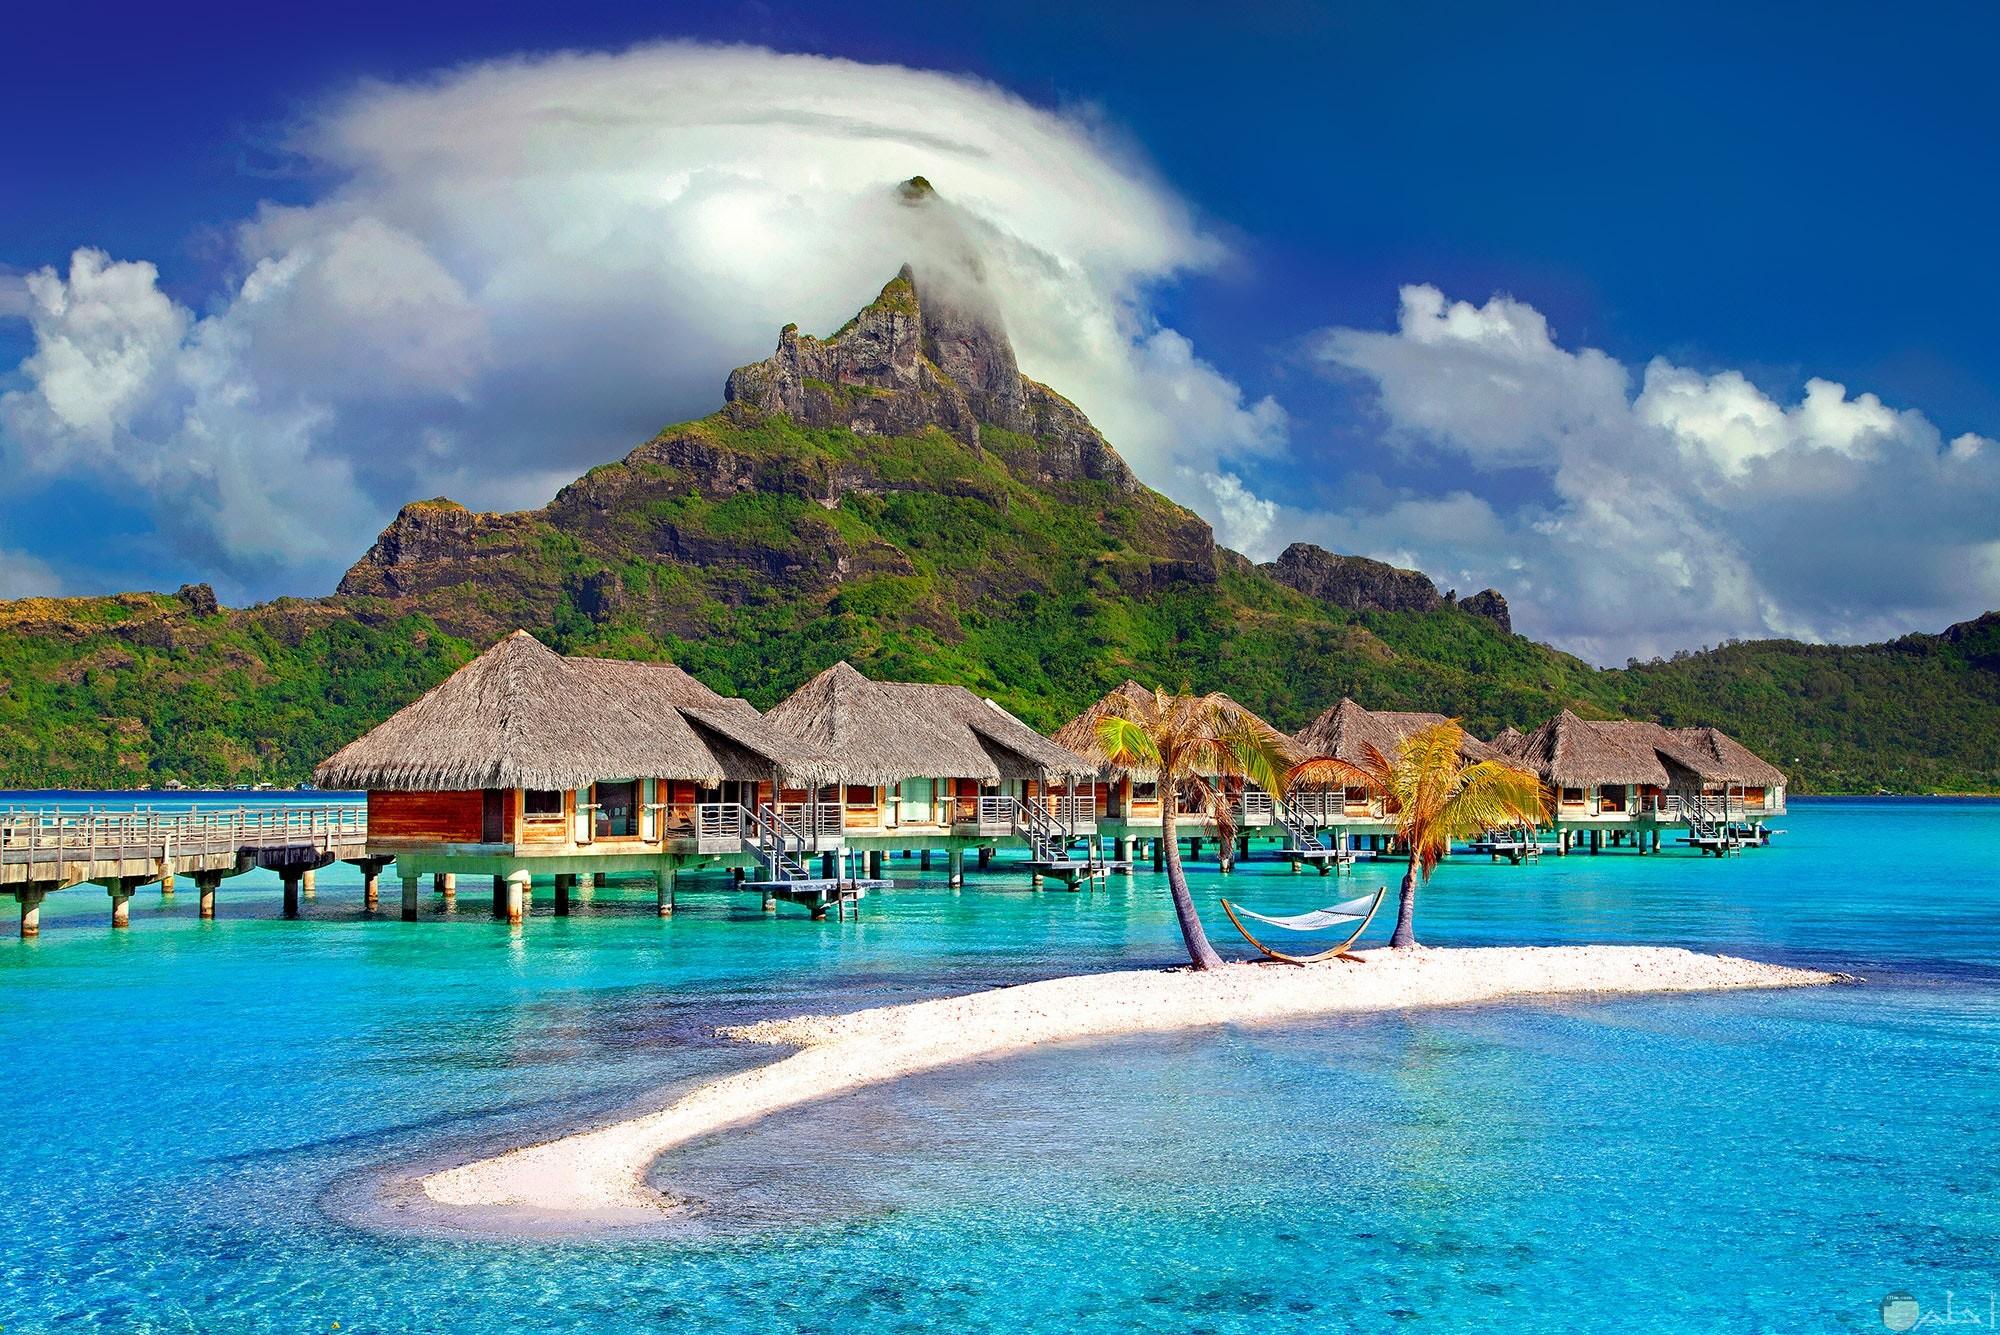 صورة جميلة لمجموعة من الأكواخ مع بحر صافي جميل وجبل عليه مسطحات خضراء